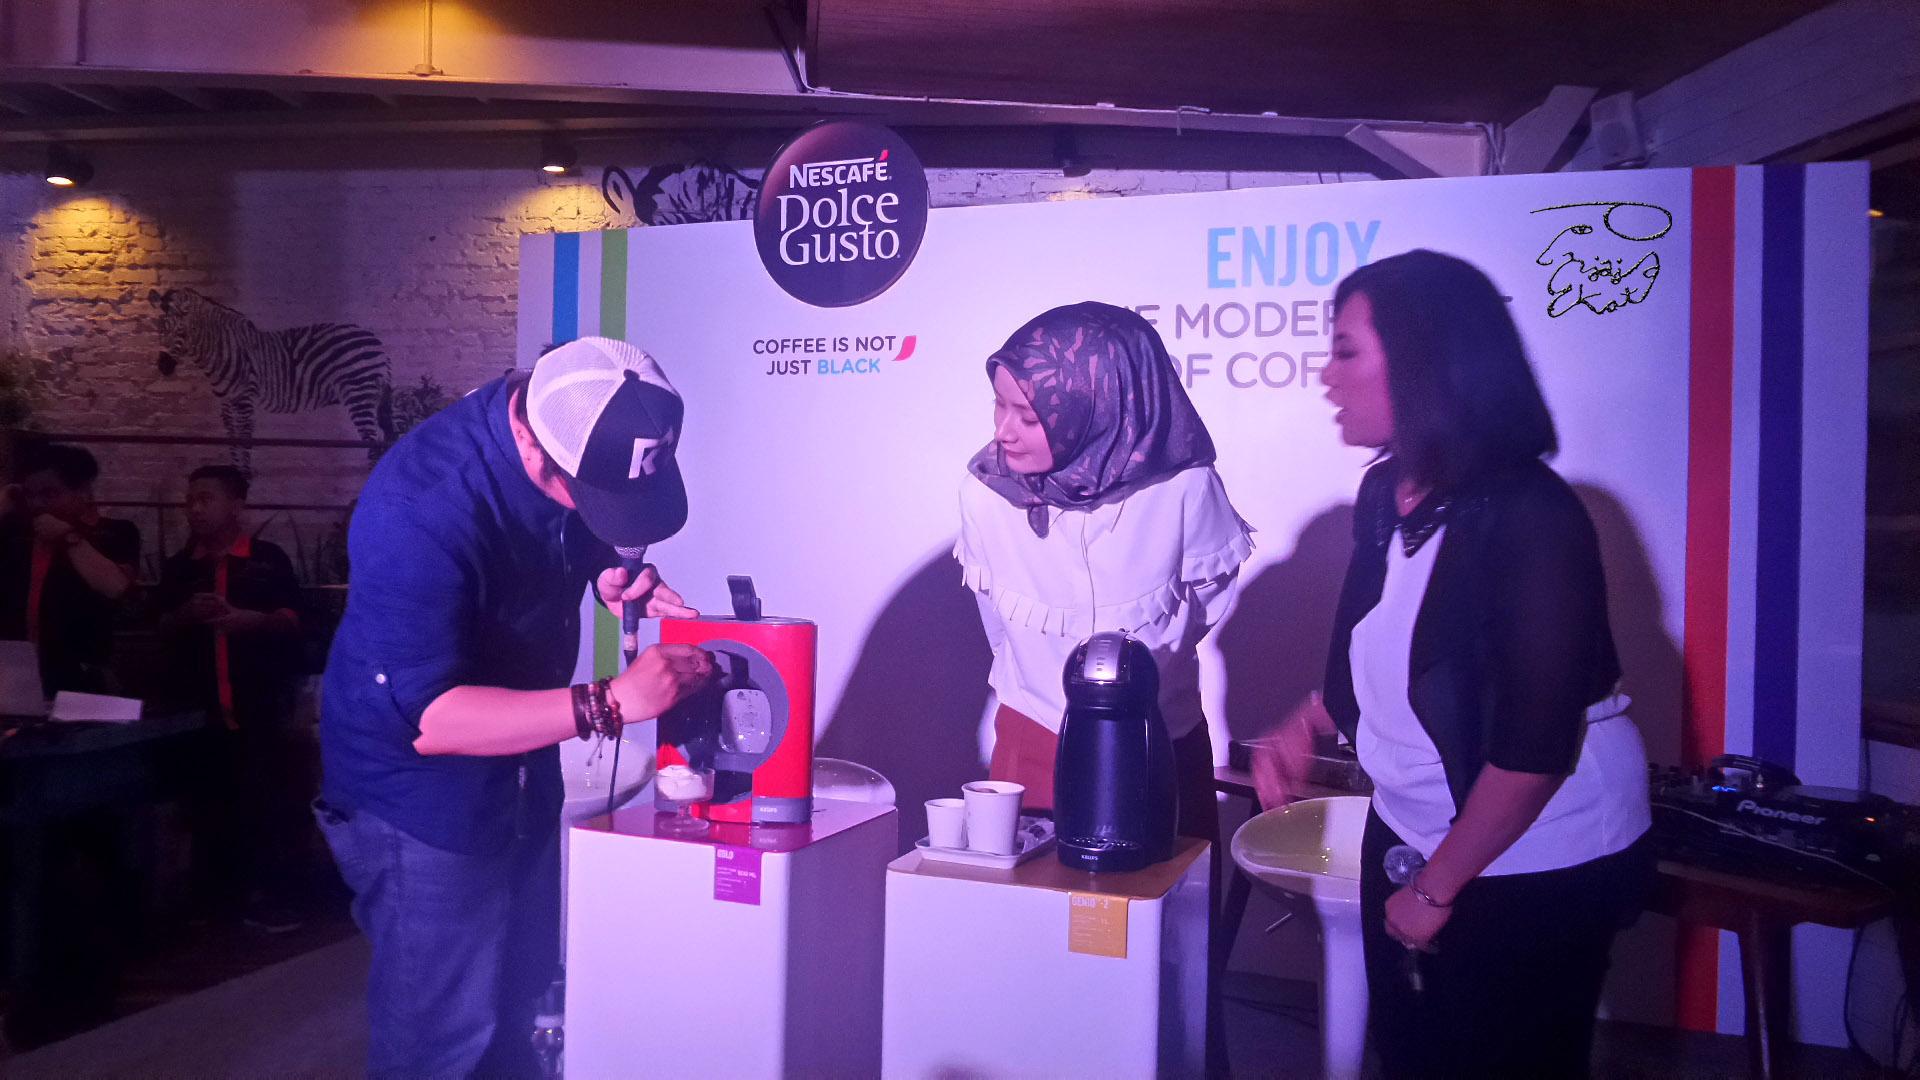 membuat-latte-art-menggunakan-nescafe-dolce-gusto-penjaja-kata